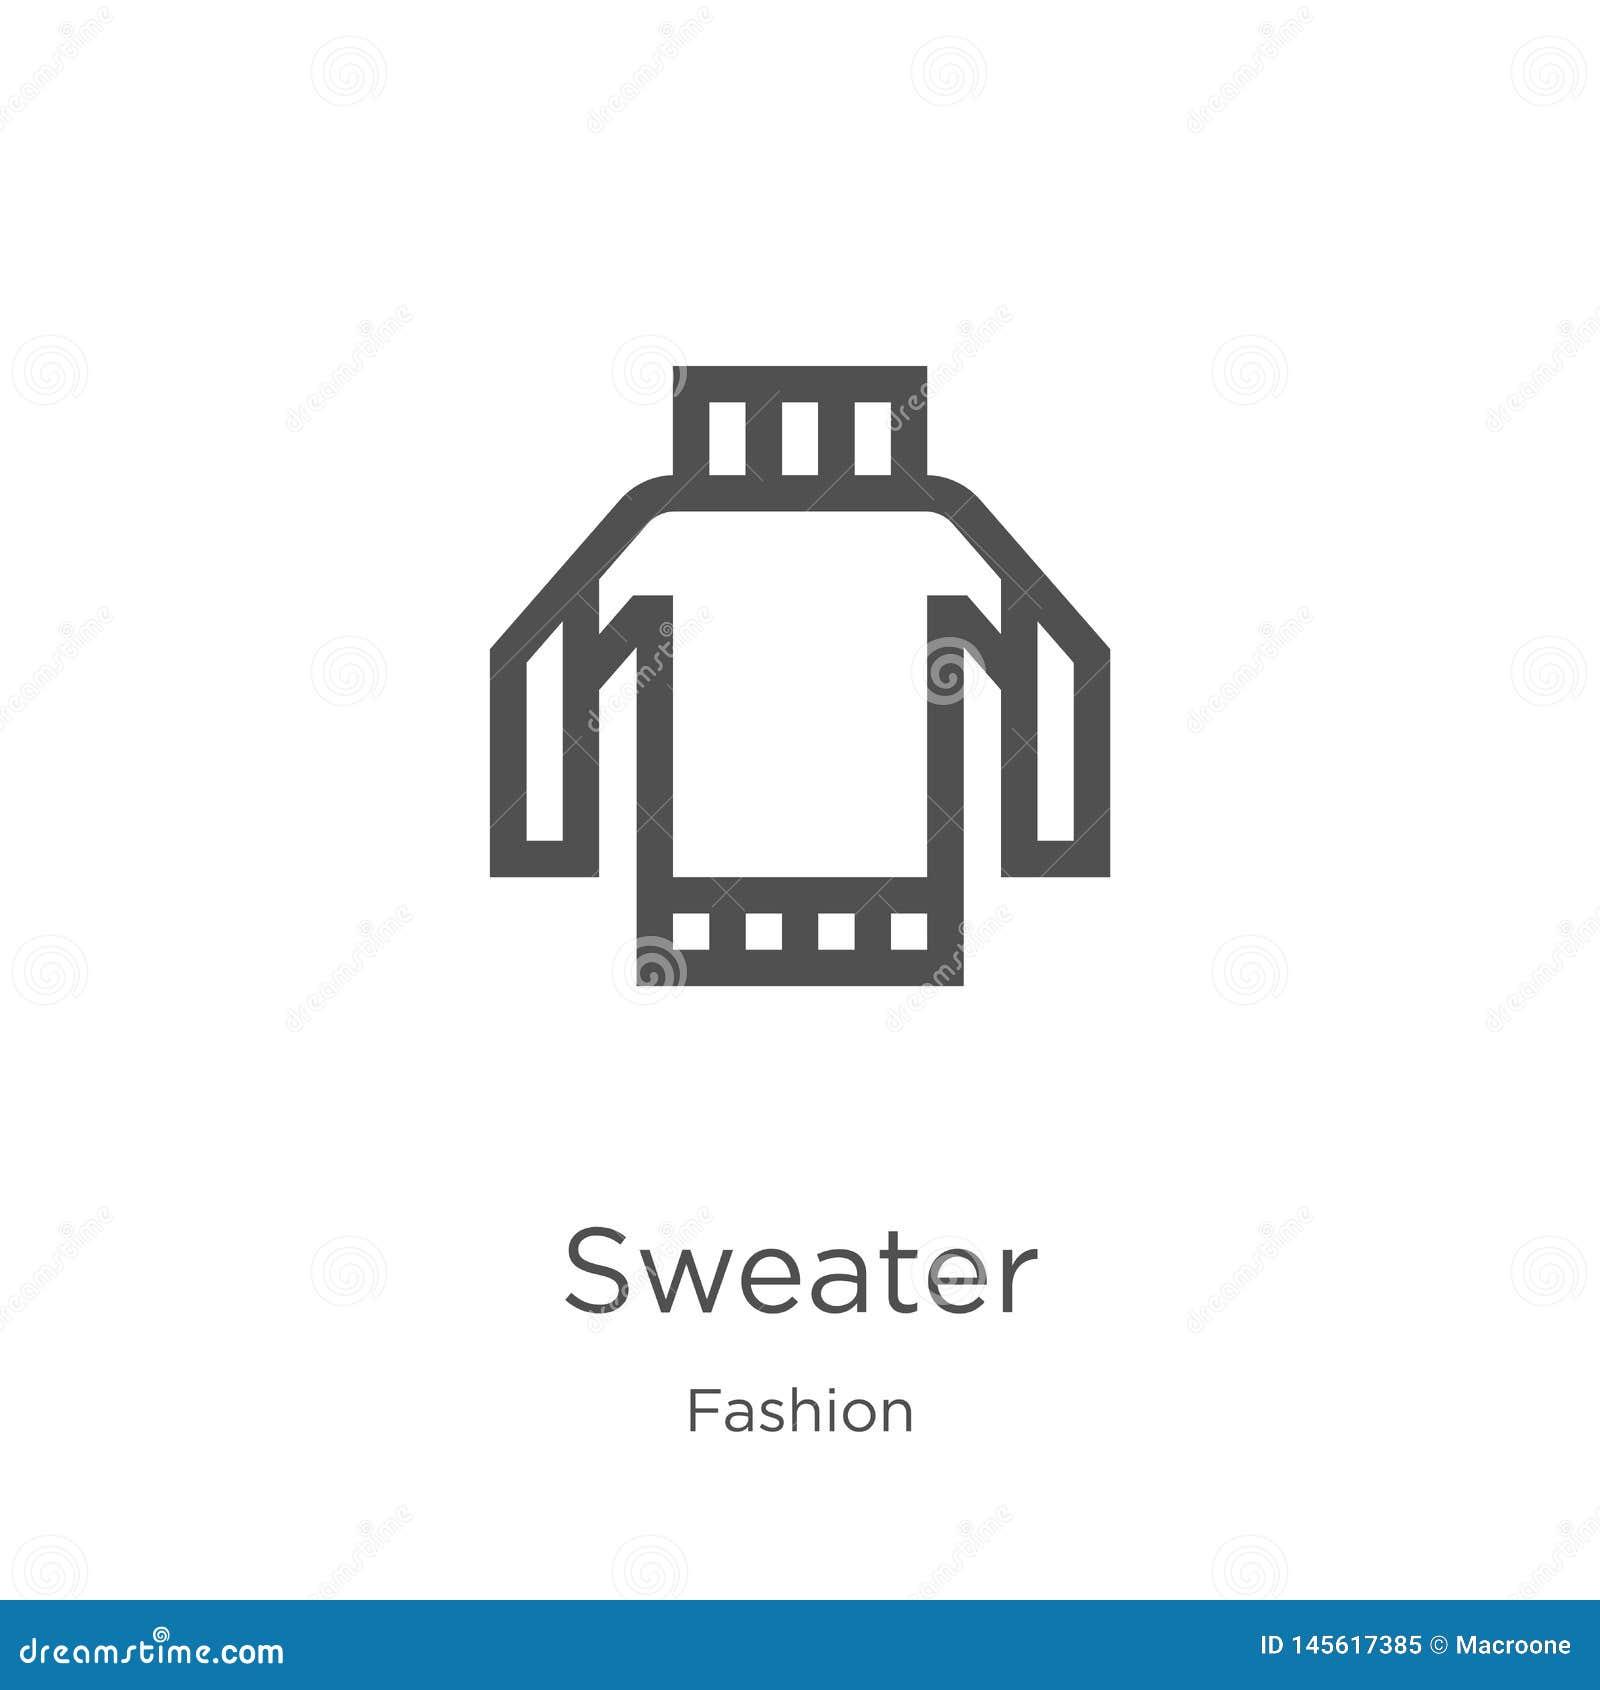 вектор значка свитера от собрания моды Тонкая линия иллюстрация вектора значка плана свитера План, тонкая линия значок свитера